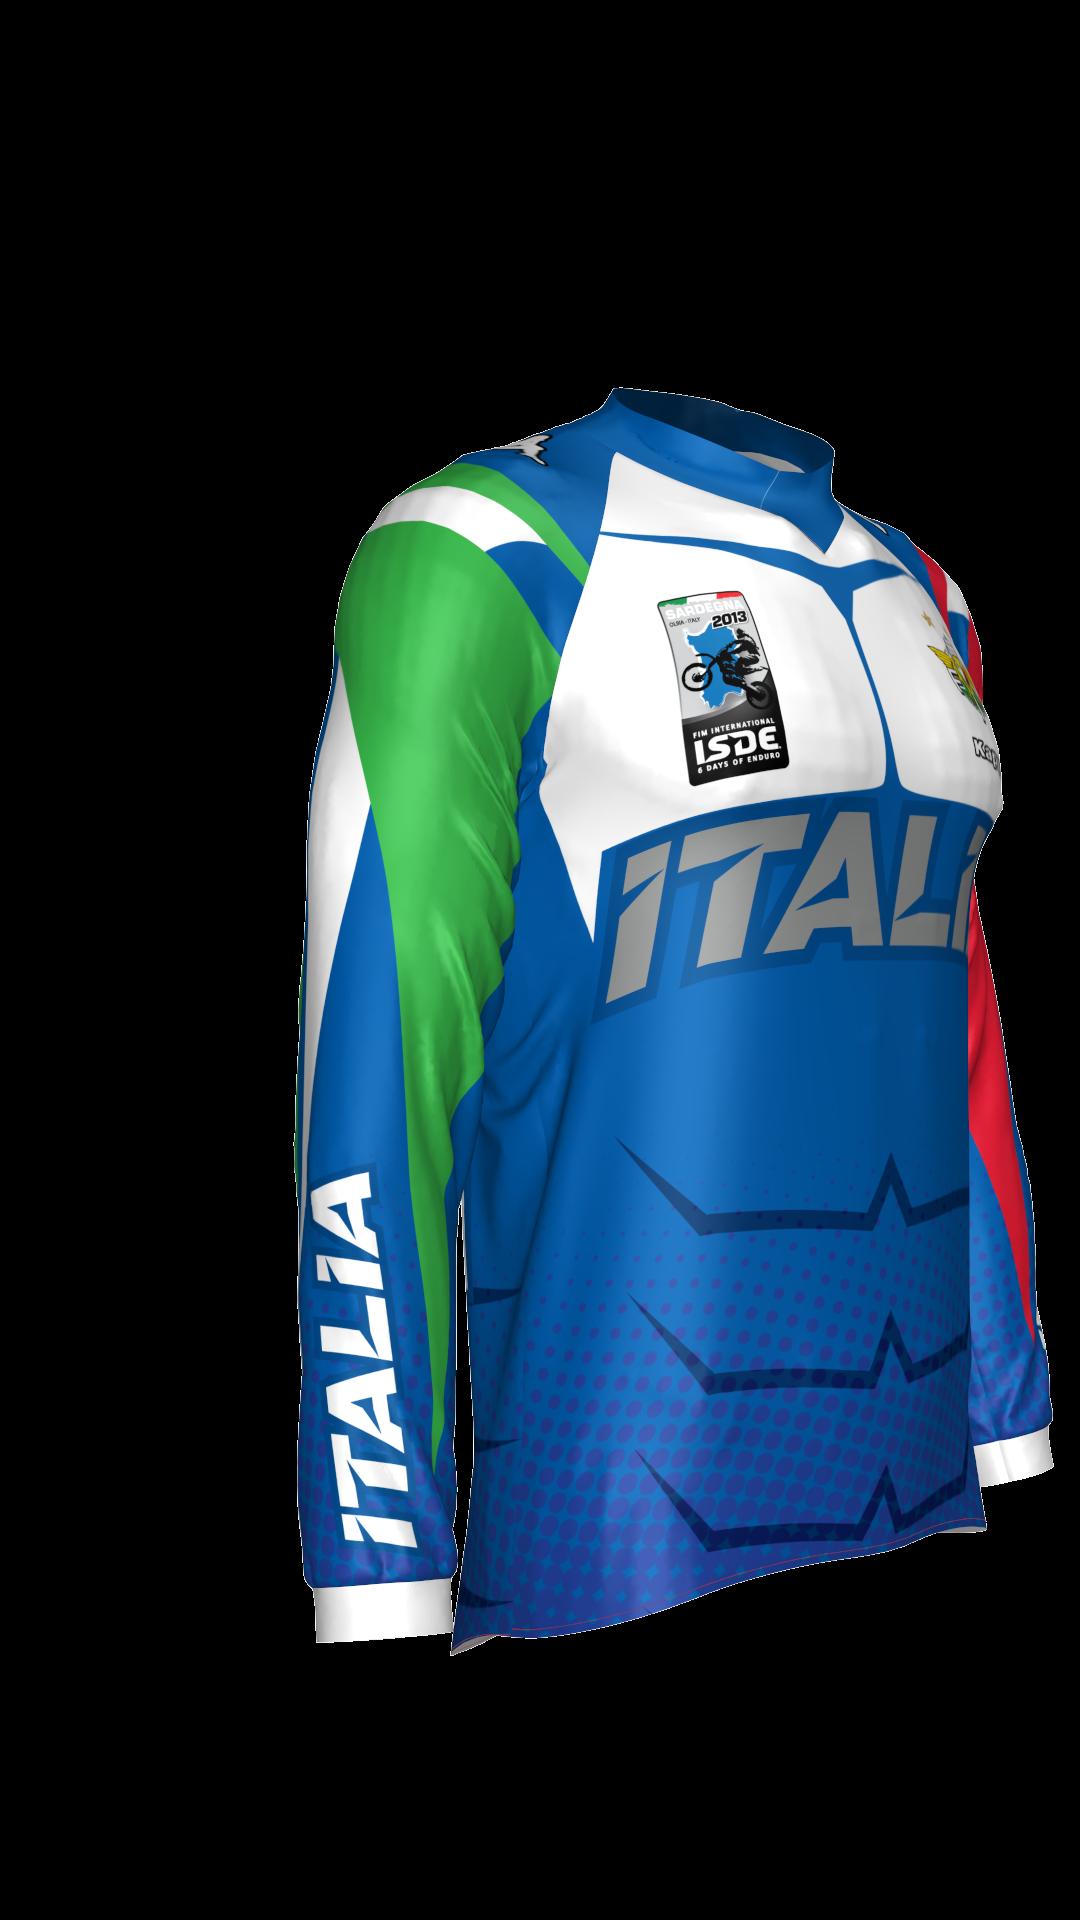 #Pivesso maglia azzurra 2012